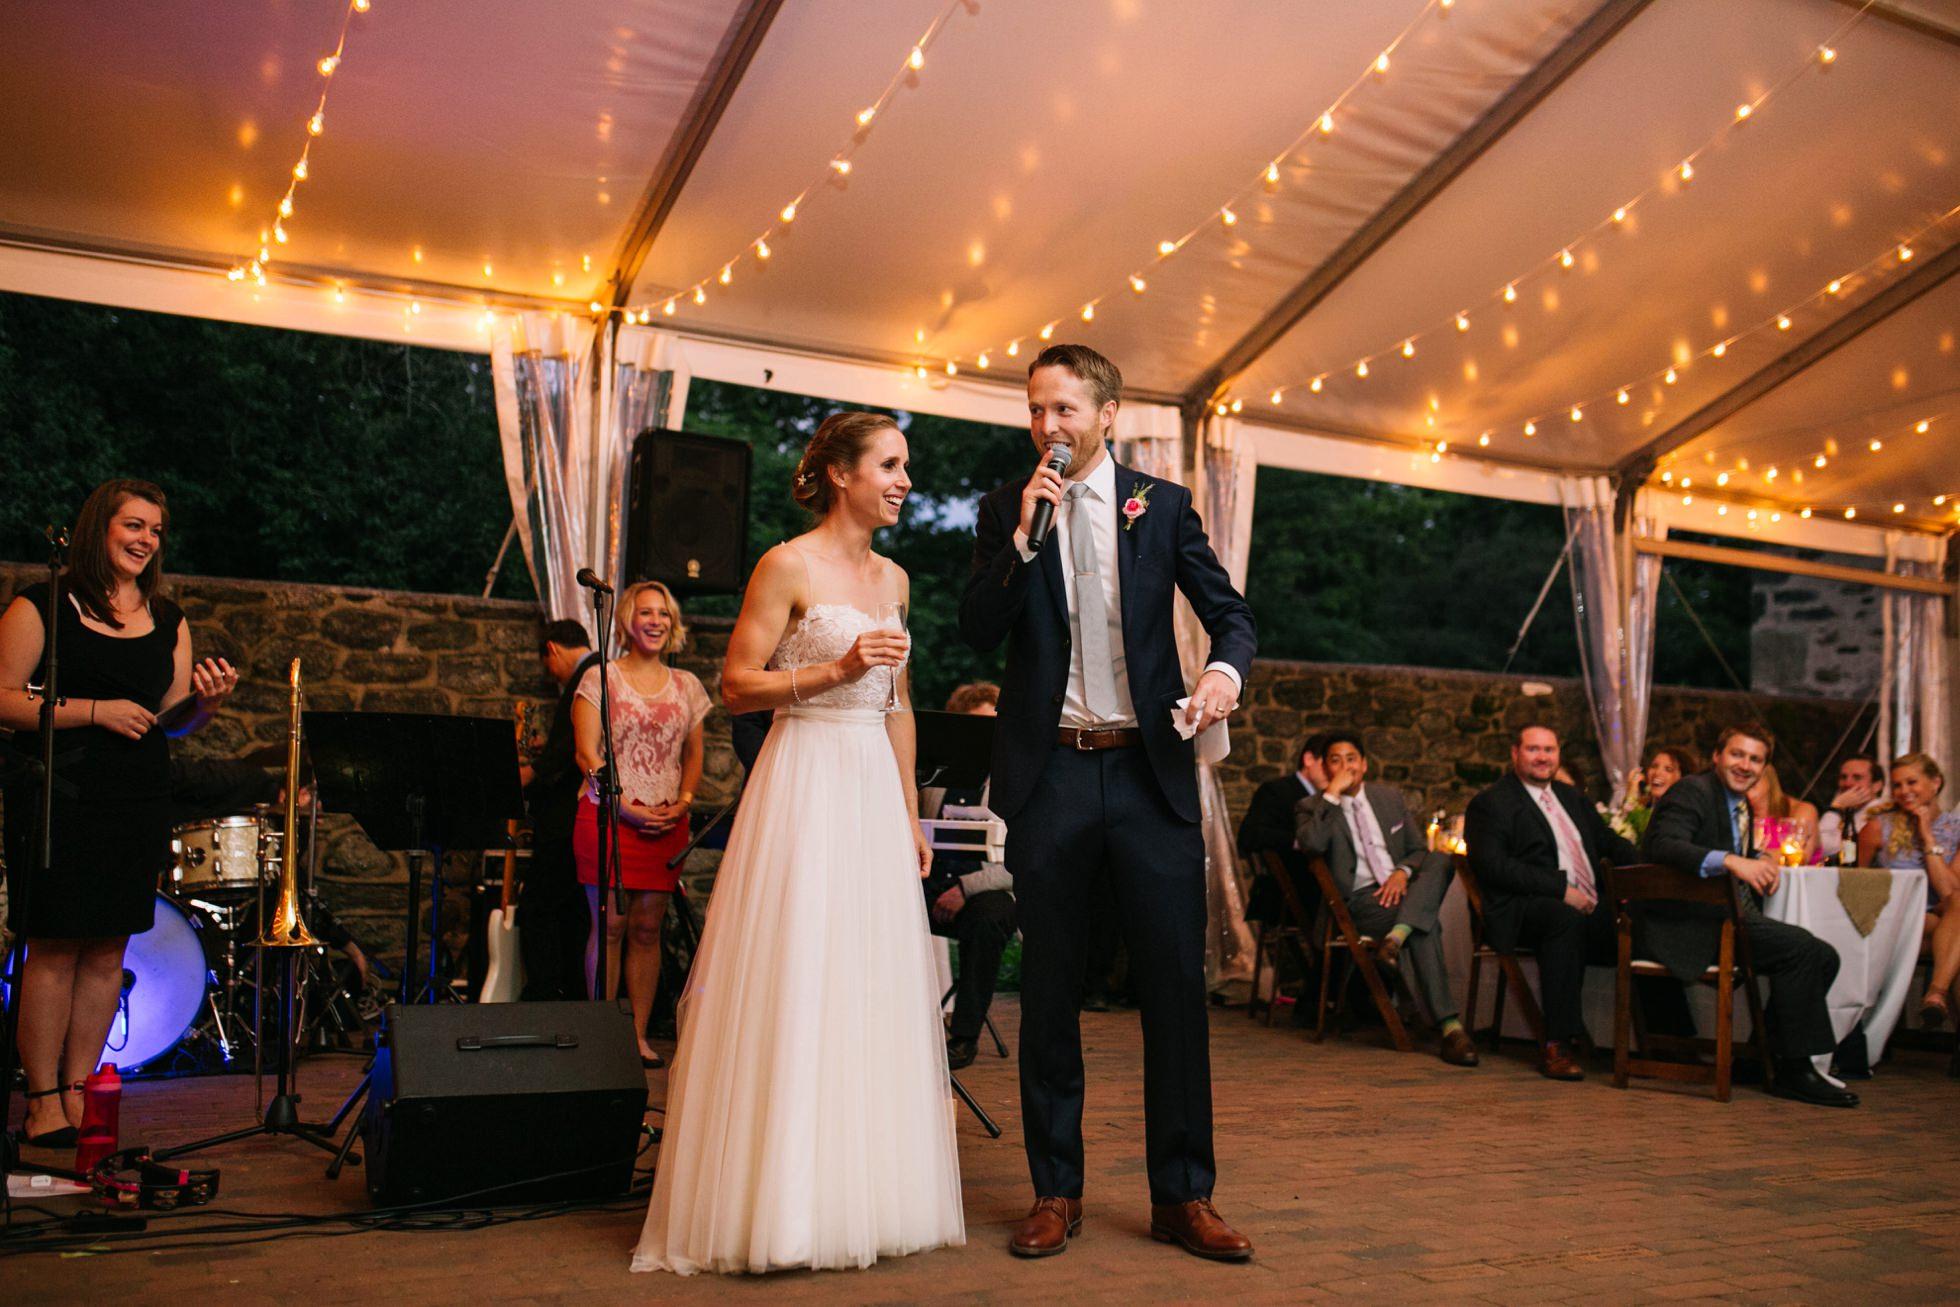 Romantic Bartram's Garden Outdoor Summer Wedding, Philadelphia | brittneyraine.com 090